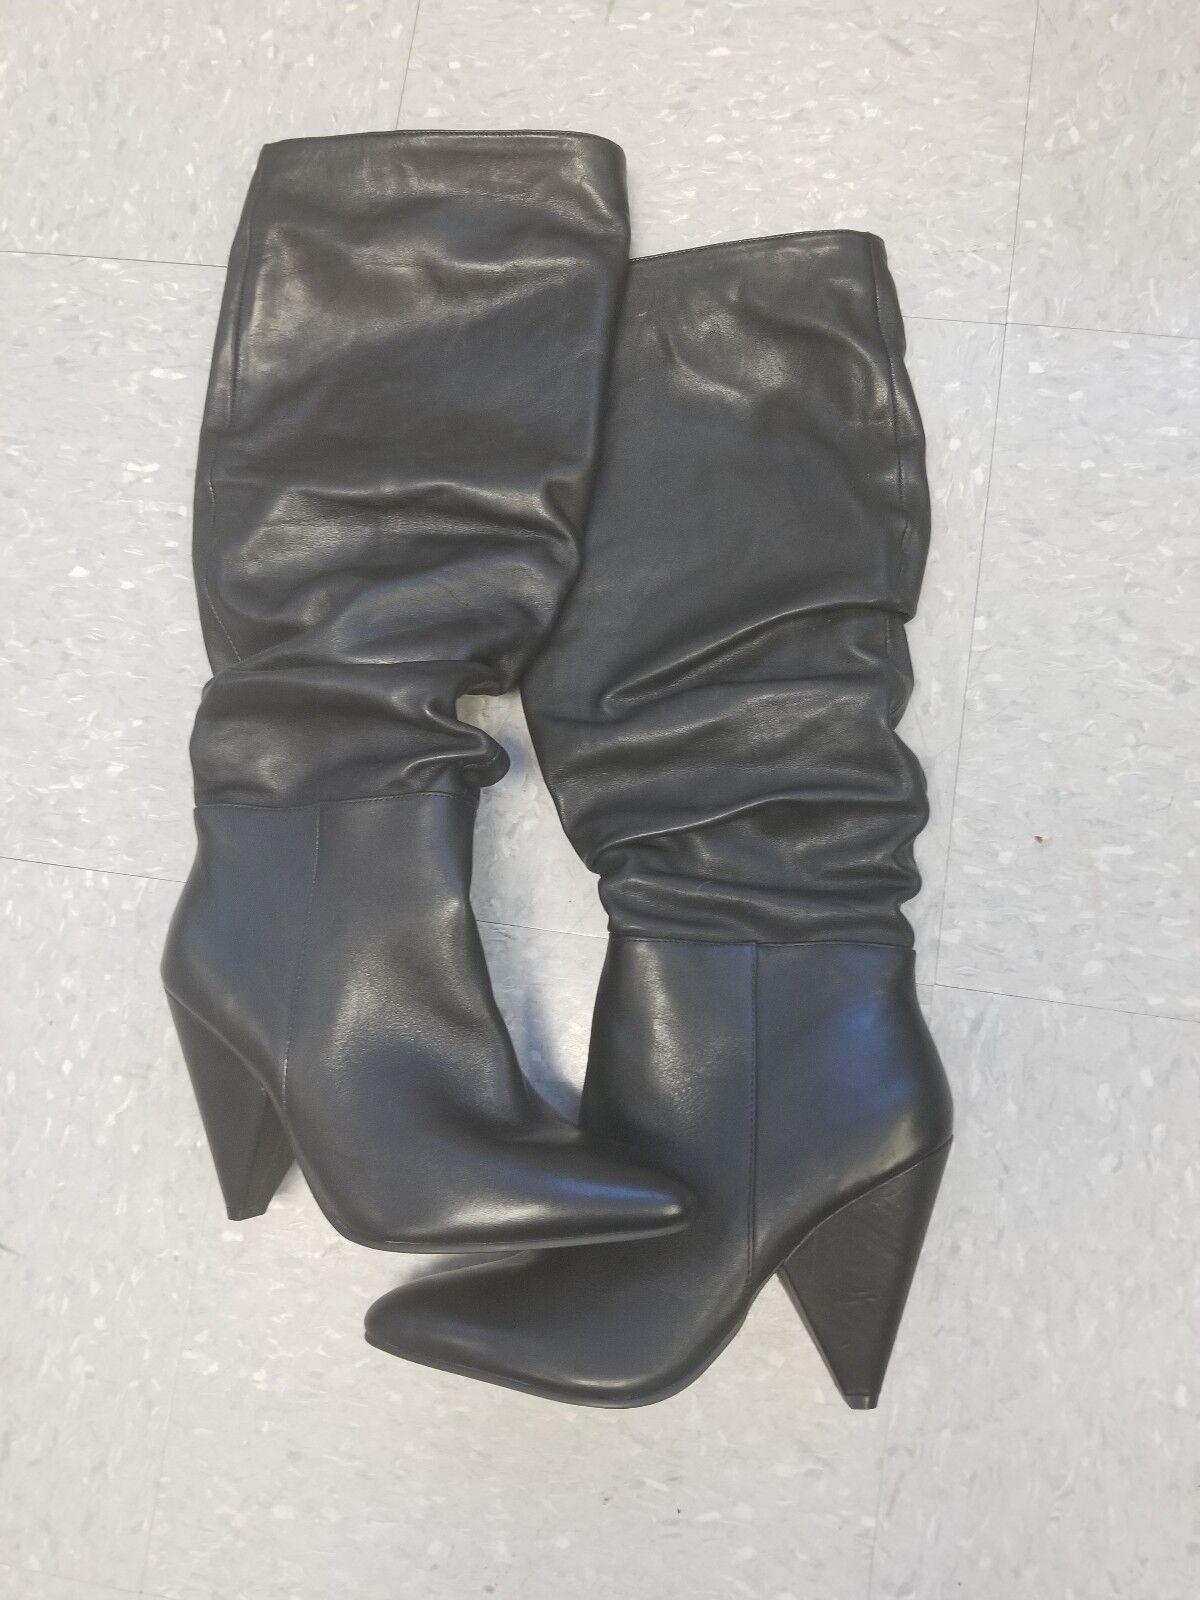 Steve Madden Pelle Slouch High Slouch Pelle Knee High Slouch Stivali 349   ad6d67